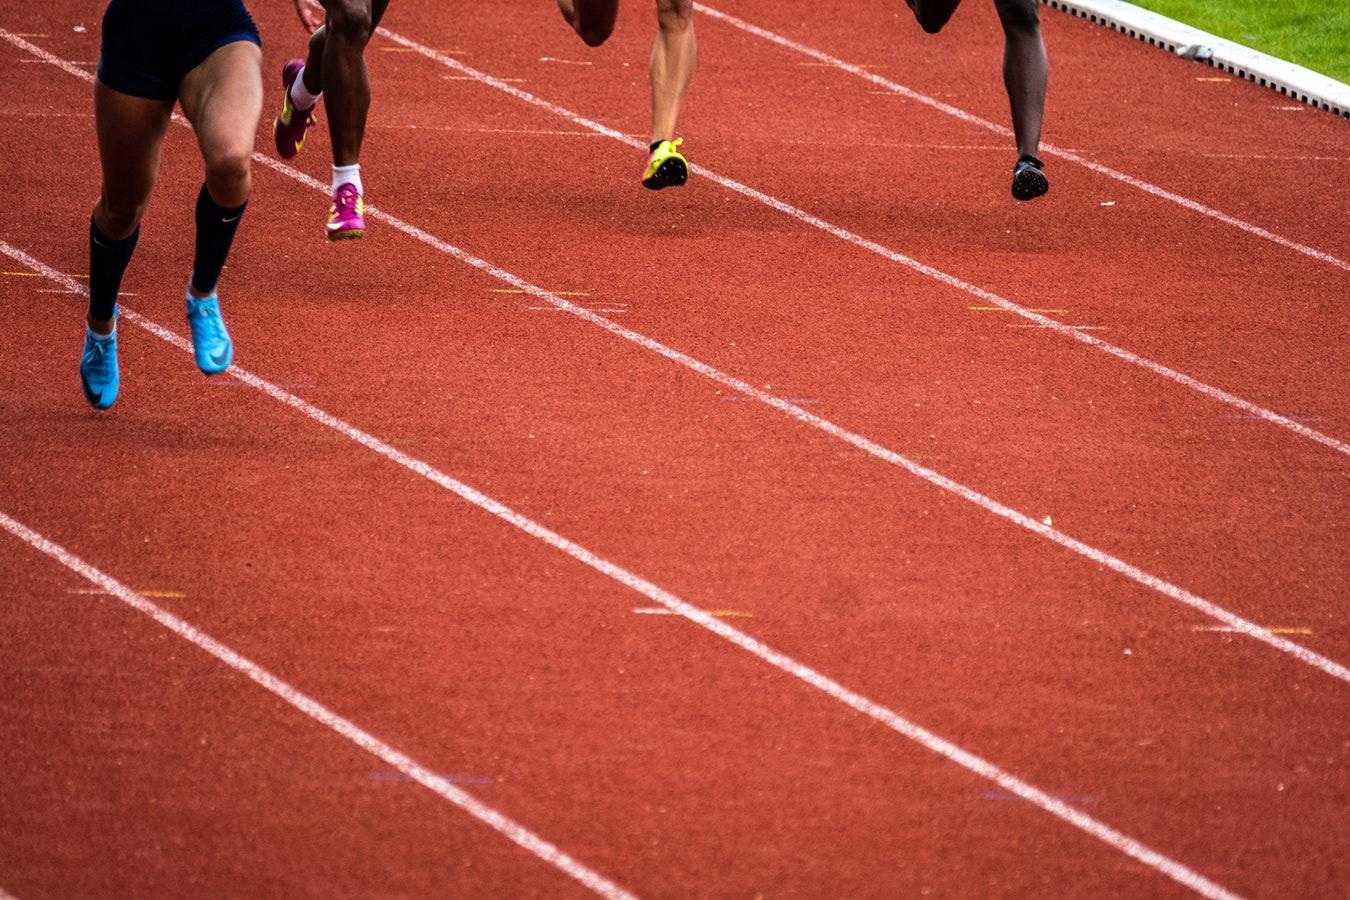 marathon-iamge-blog